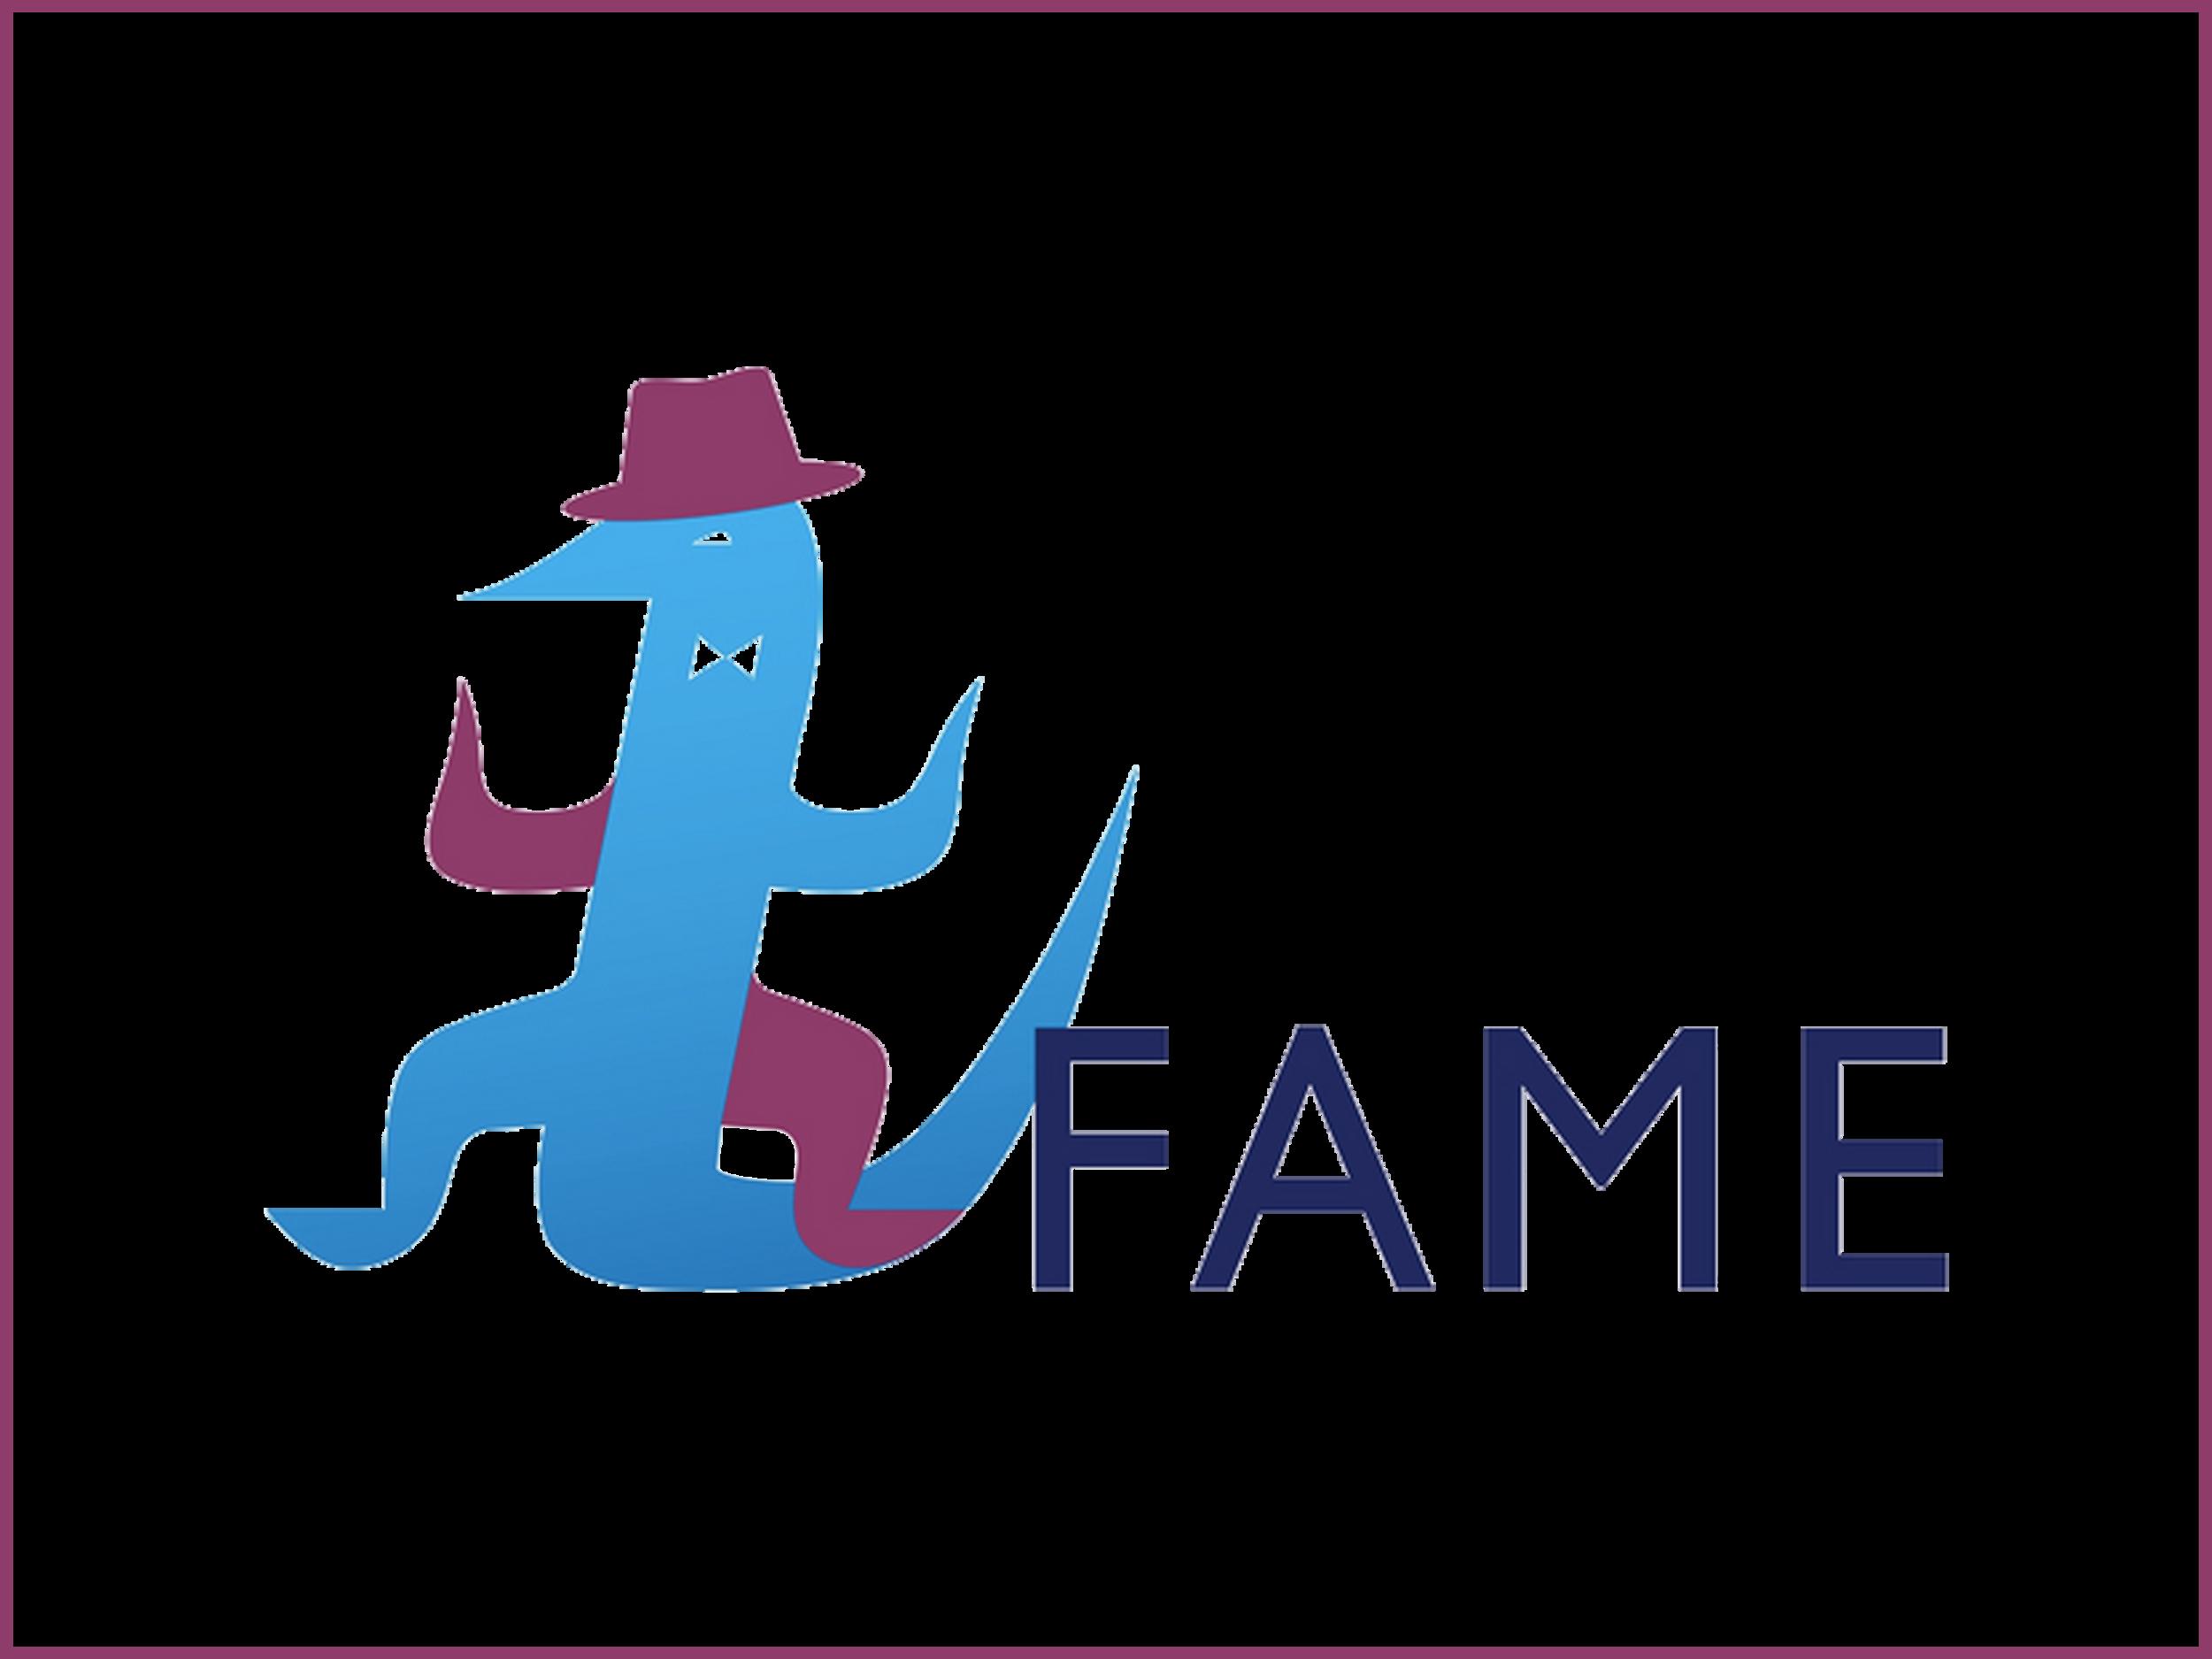 http://www.famesf.org/